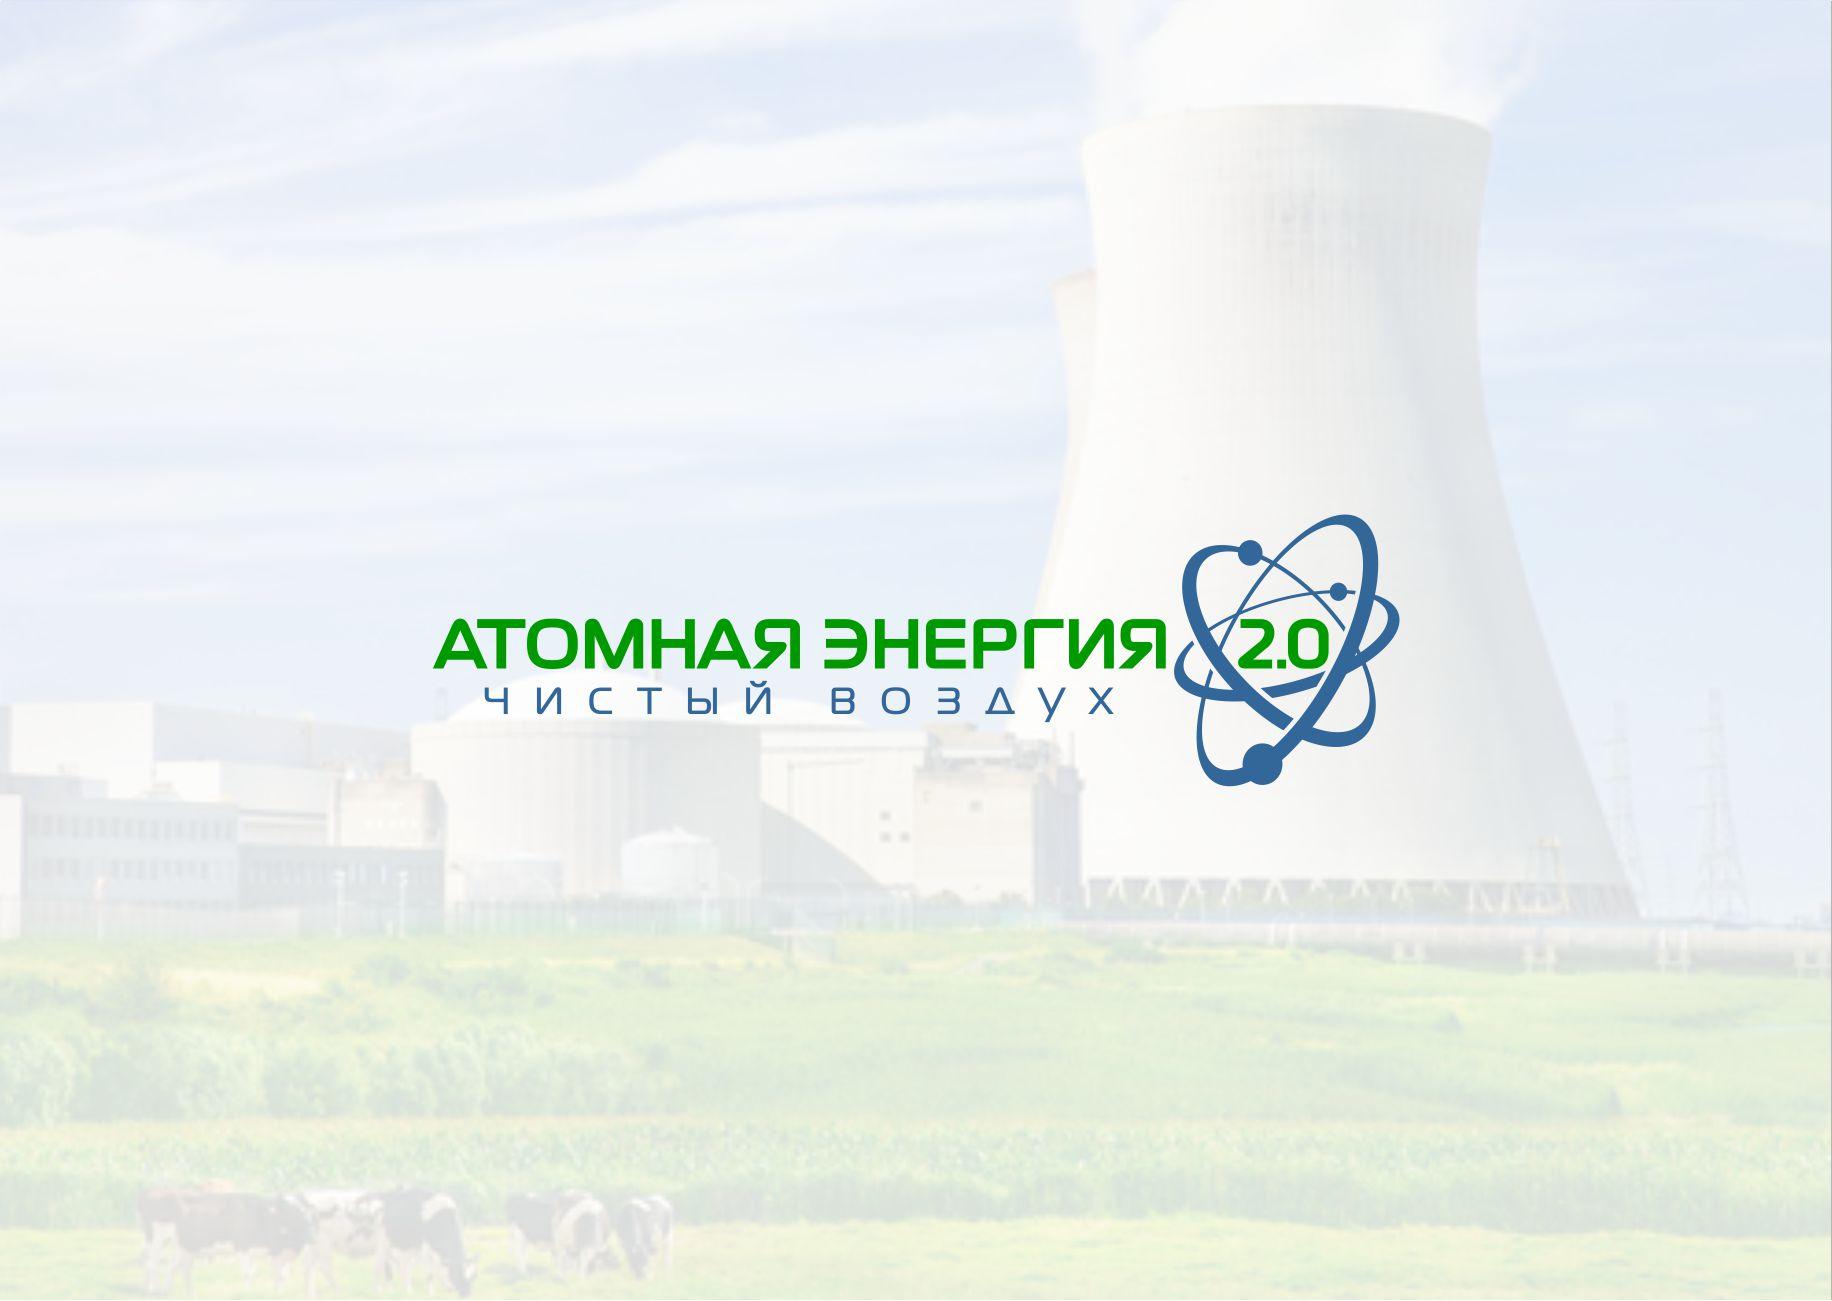 """Фирменный стиль для научного портала """"Атомная энергия 2.0"""" фото f_22859e8a8bba3f34.jpg"""